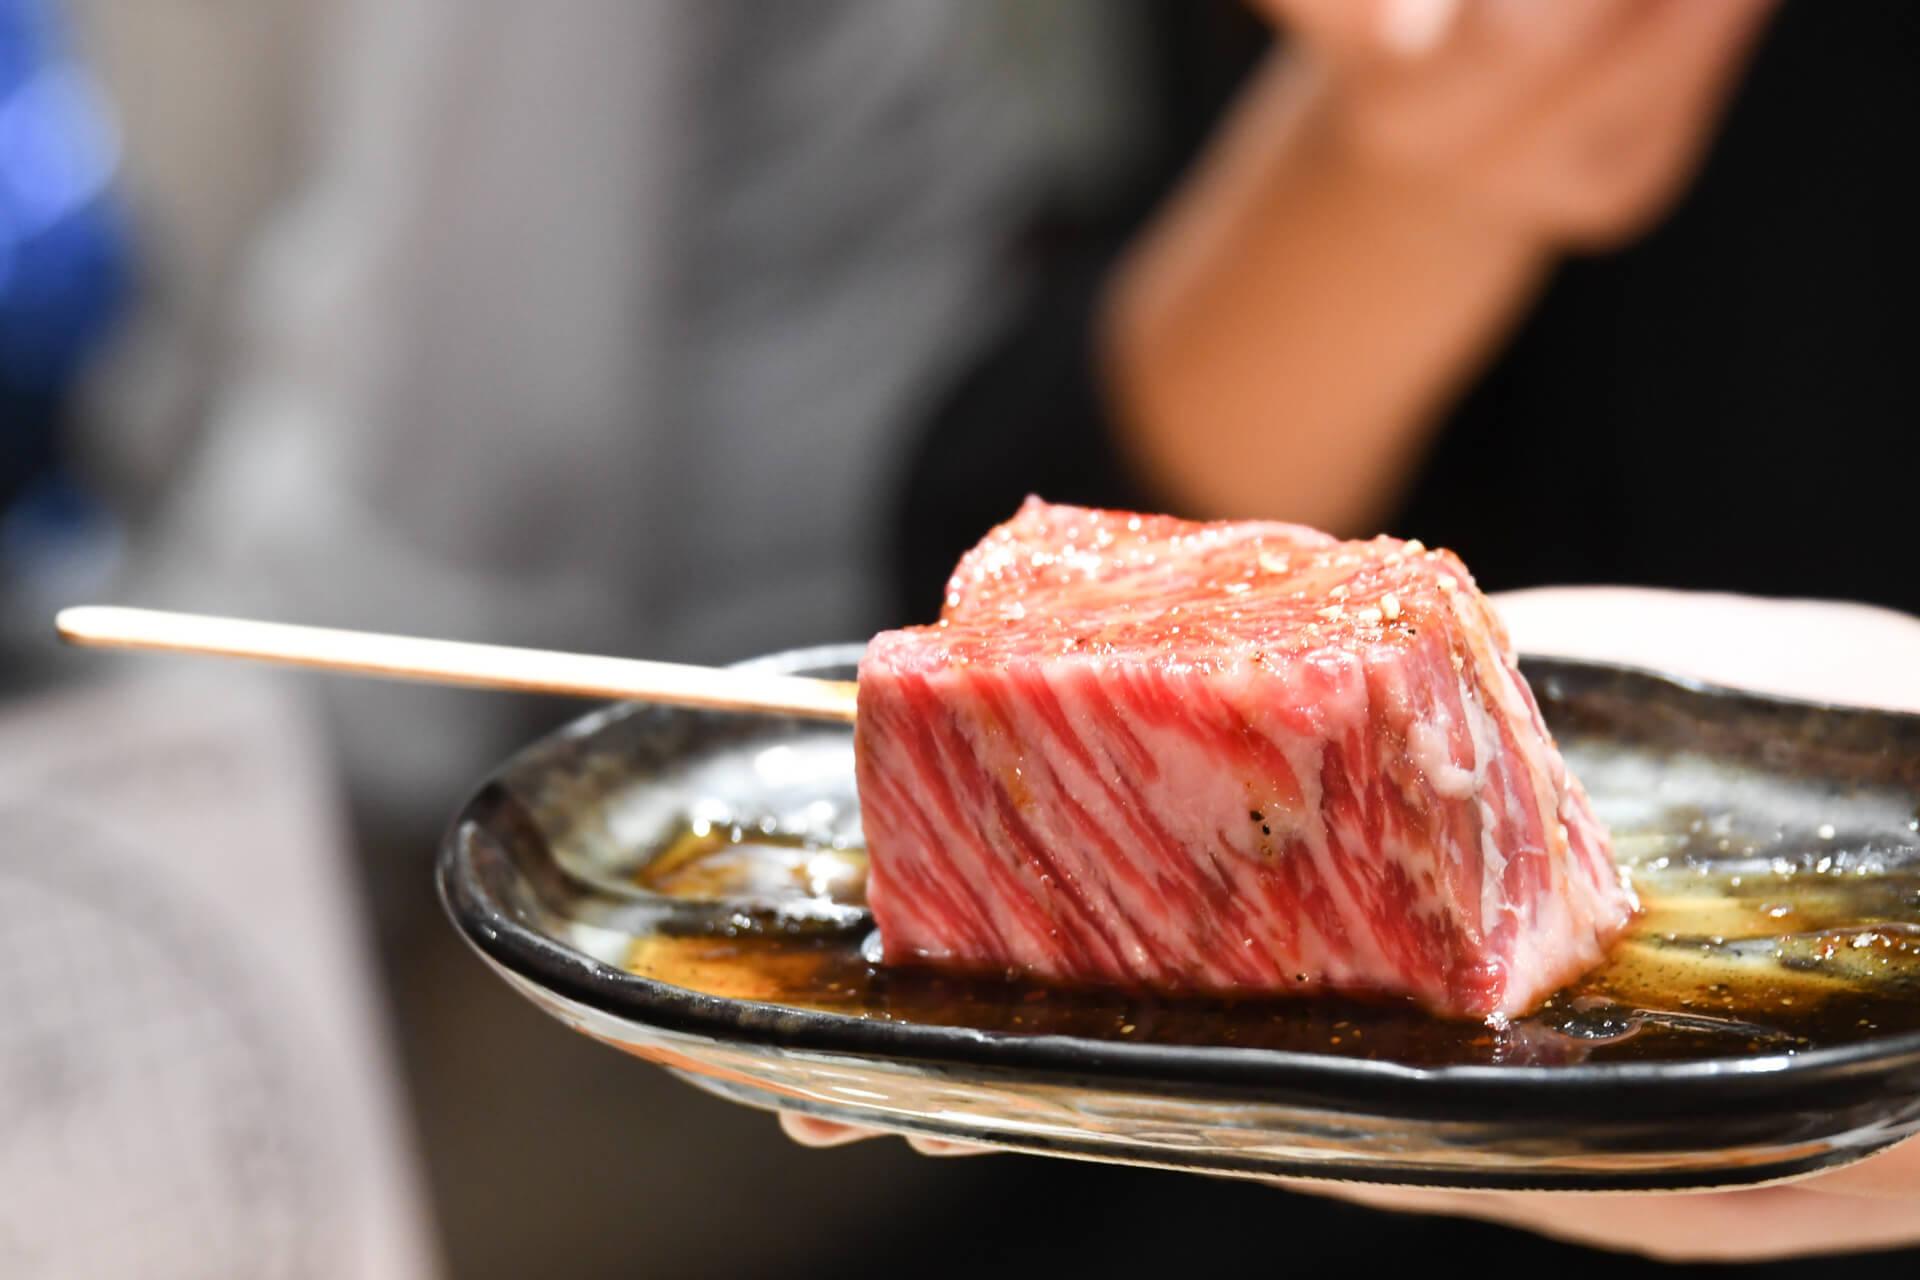 でこ肉会 錦糸町 とんつう 肉のホームランバー